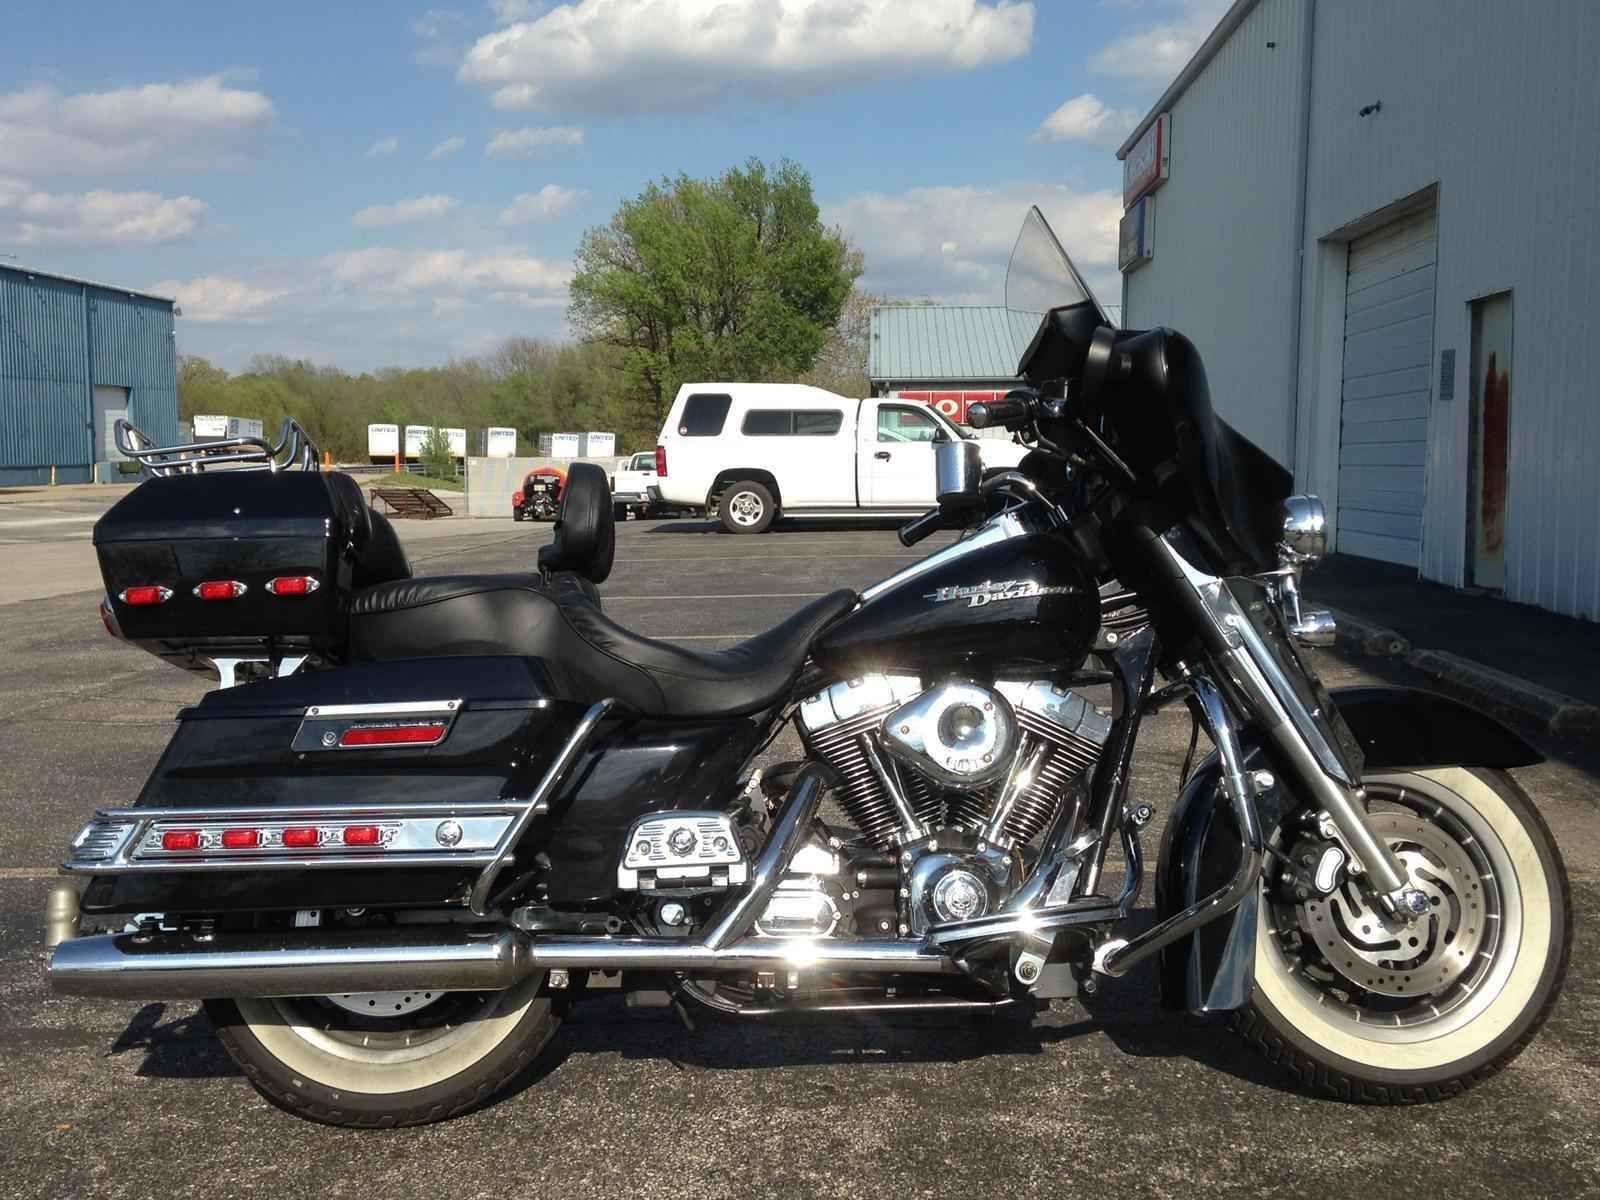 2001 Harley Davidson Elec Glide Harley Davidson Harley Road Glide Special [ 1200 x 1600 Pixel ]